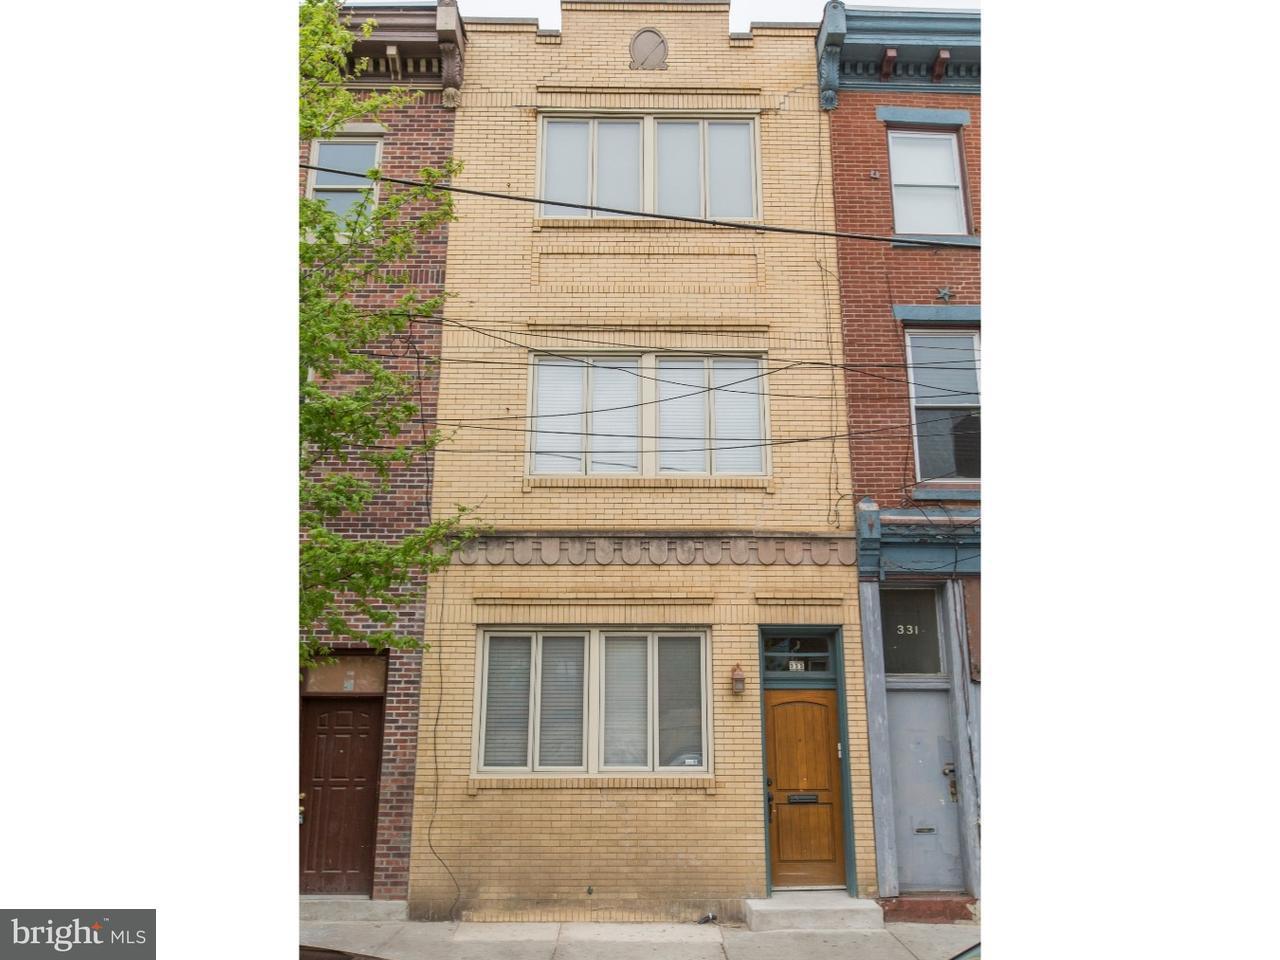 333 W Girard Philadelphia, PA 19123